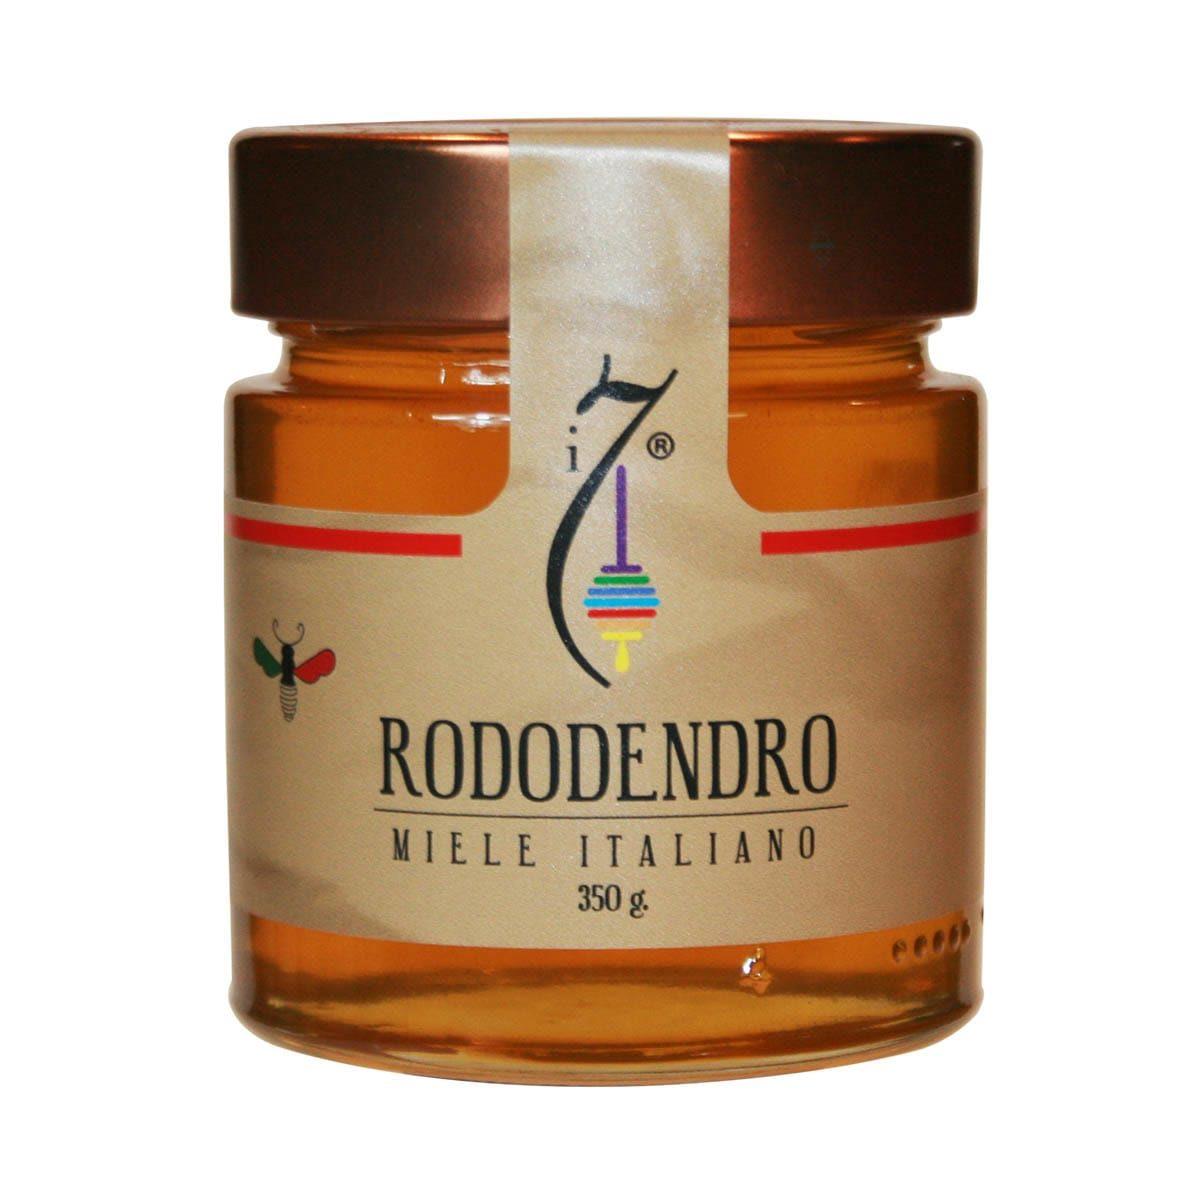 Miele di Rododendro i 7 350 gr